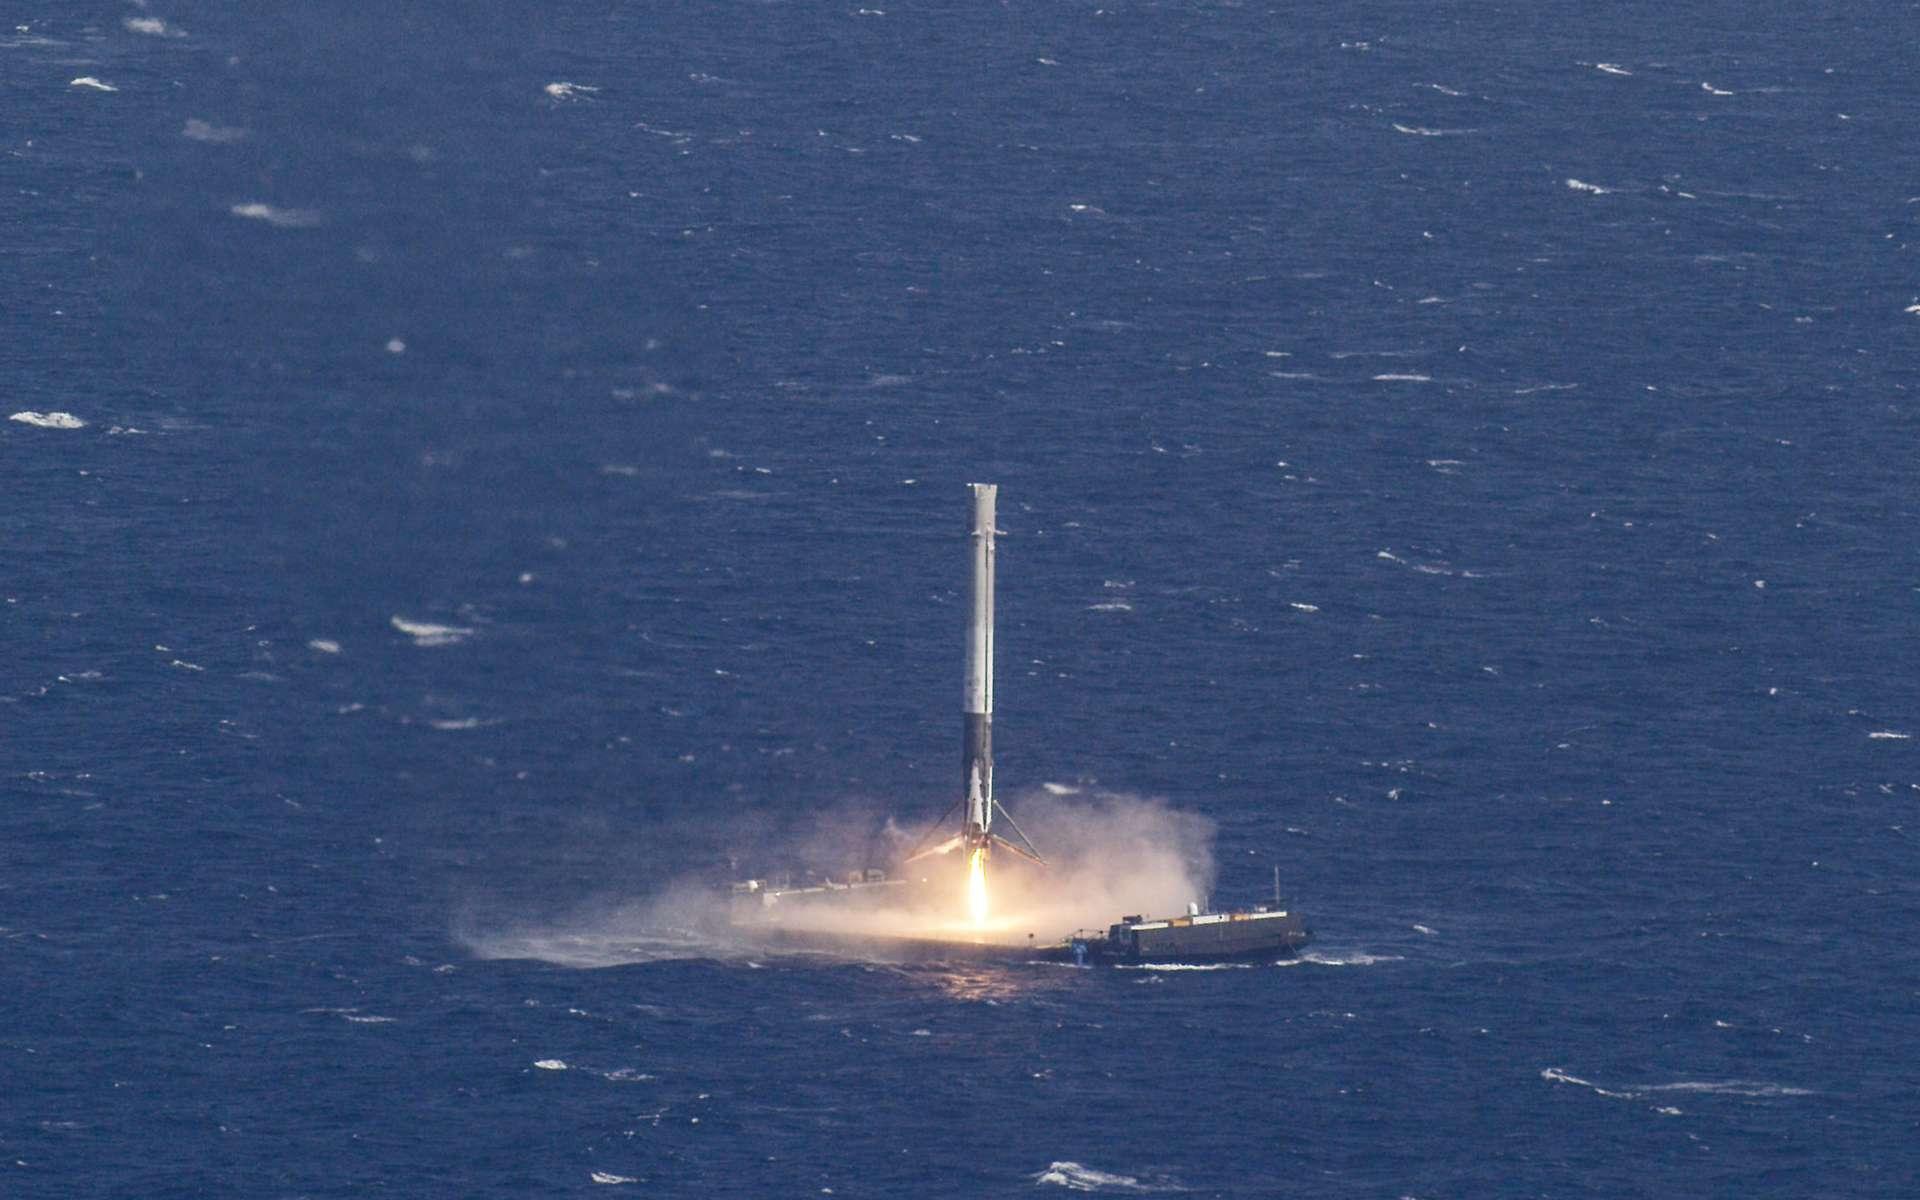 La cinquième tentative de récupérer l'étage principal du Falcon 9 sur une barge en pleine mer aura été la bonne. Elle a eu lieu le 8 avril 2016. © SpaceX